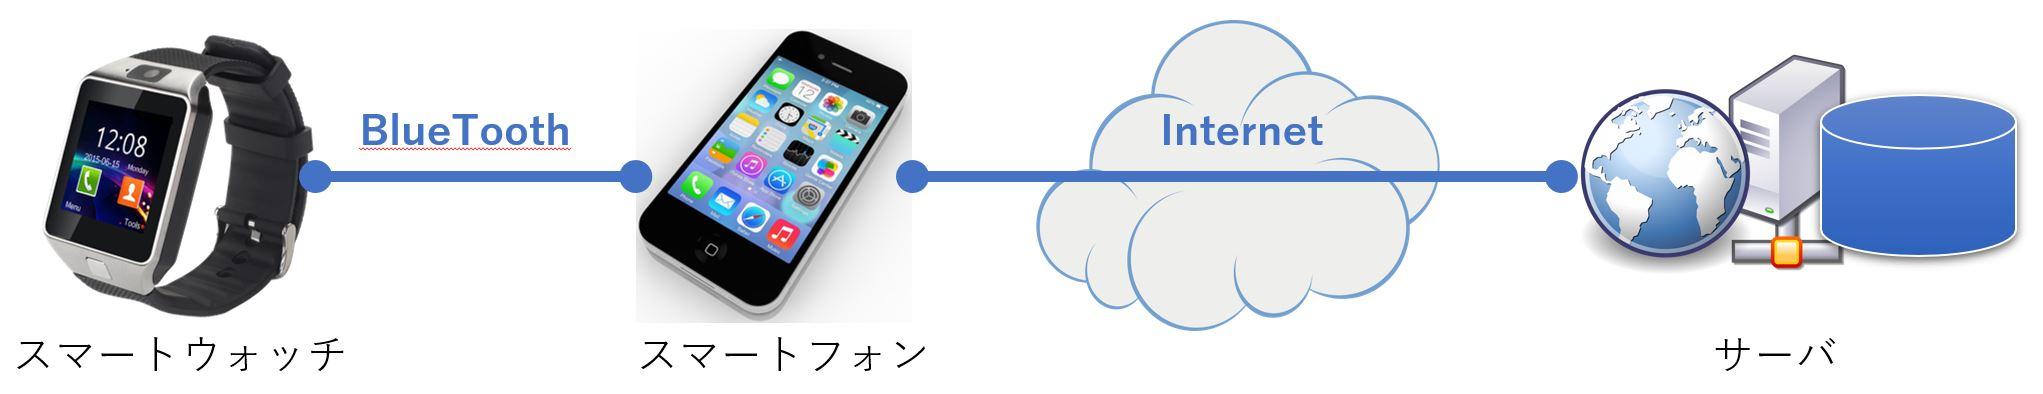 スマートウォッチ-BlueTooth-スマートフォン-インターネット回線-サーバ